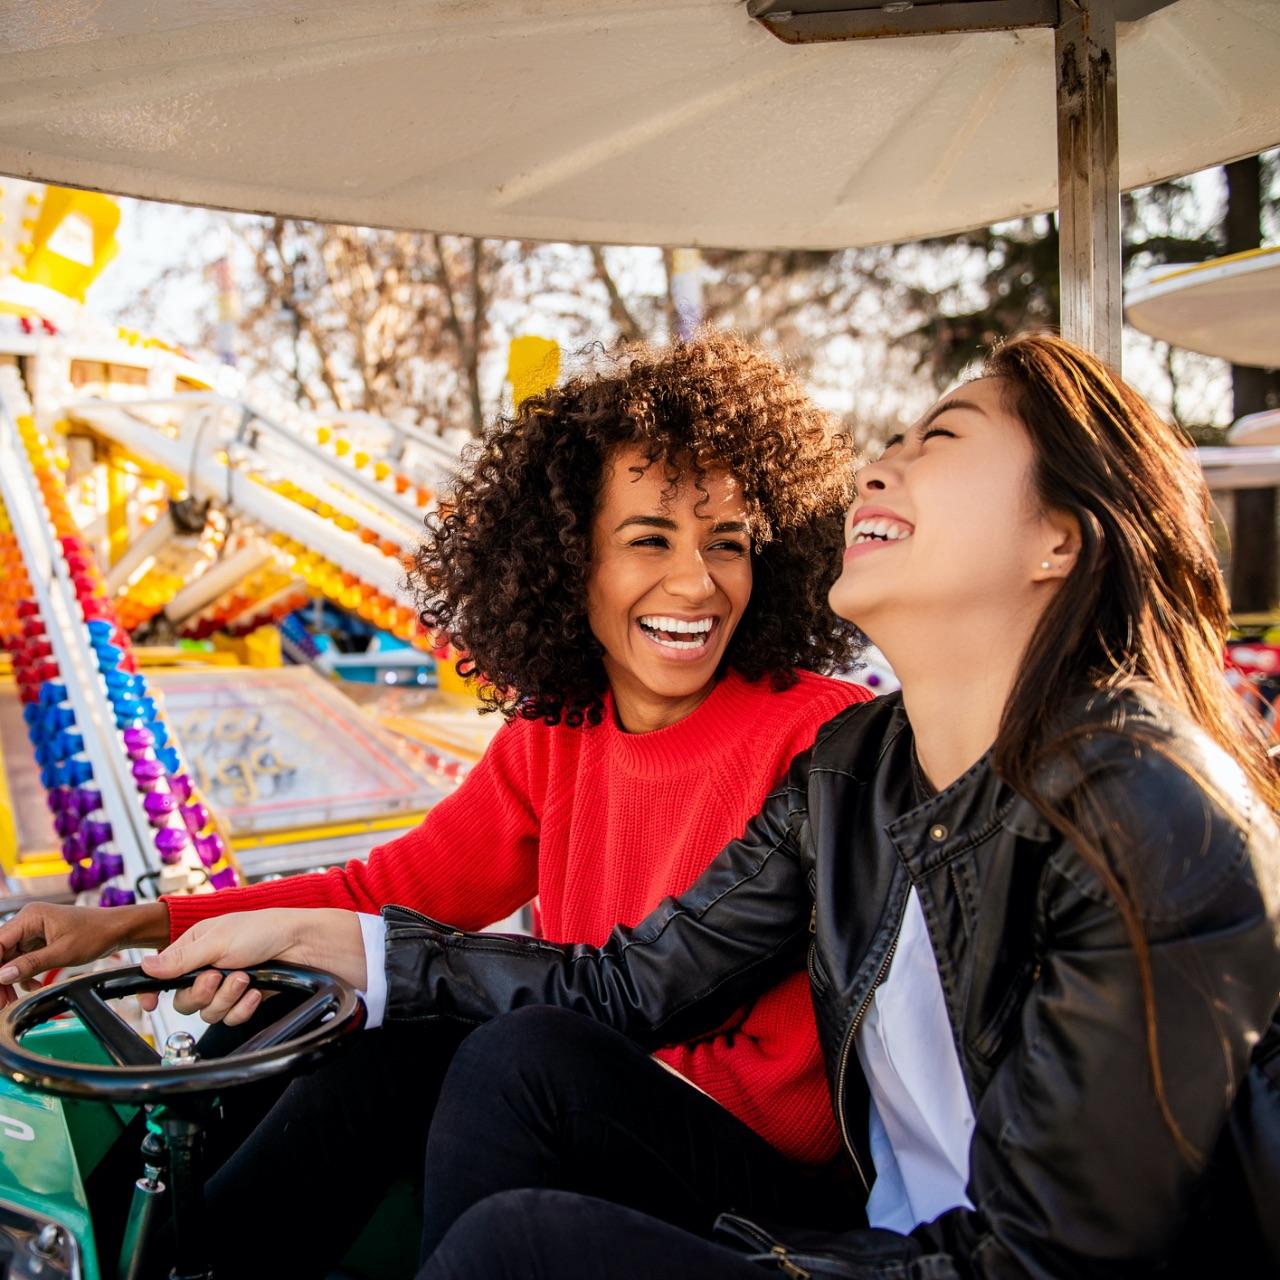 Theme Park fun in Orlando, Florida